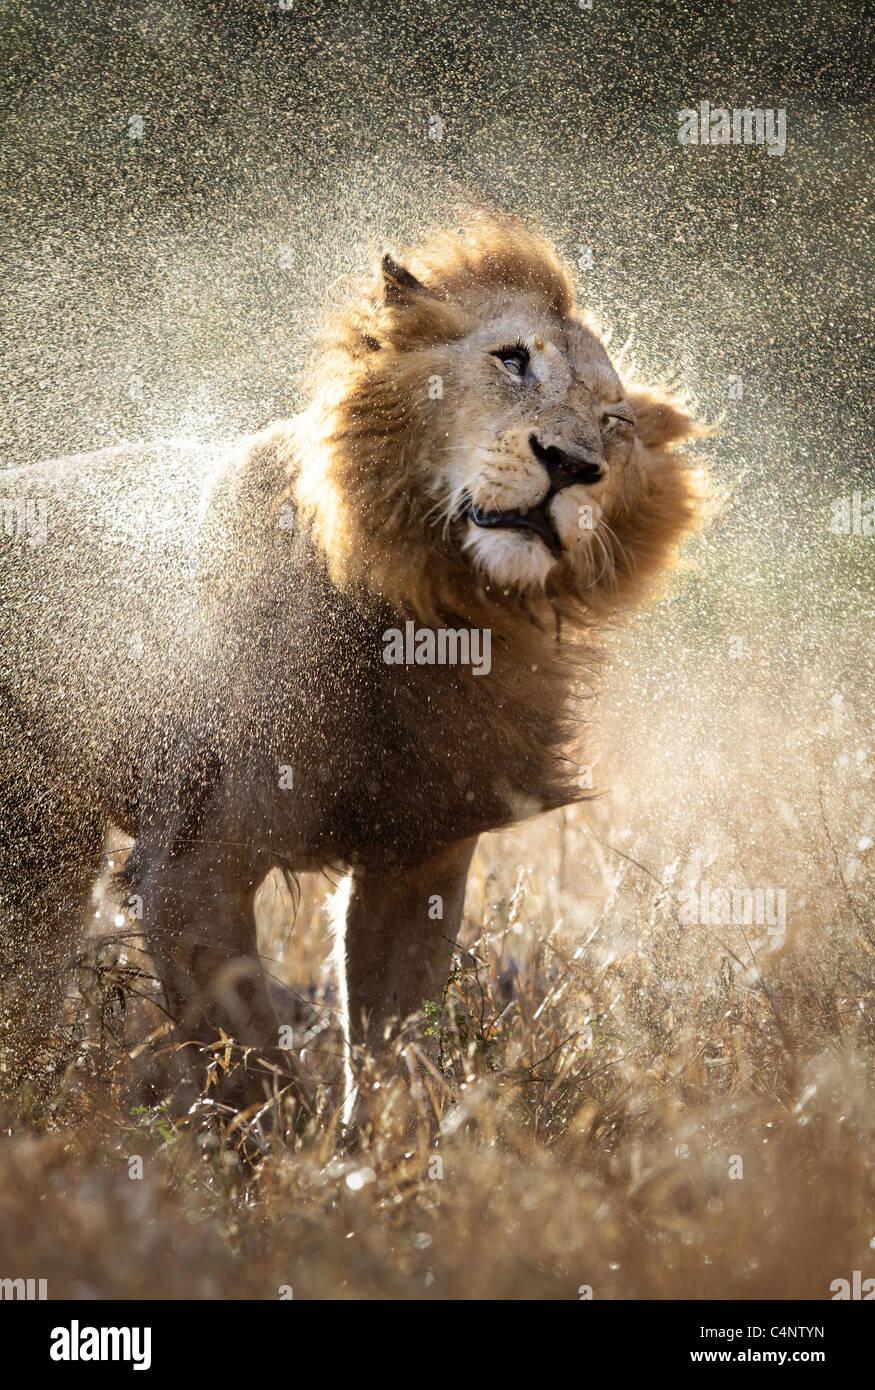 Lion mâle agitant hors de l'eau après un orage - Parc National Kruger - Afrique du Sud Photo Stock